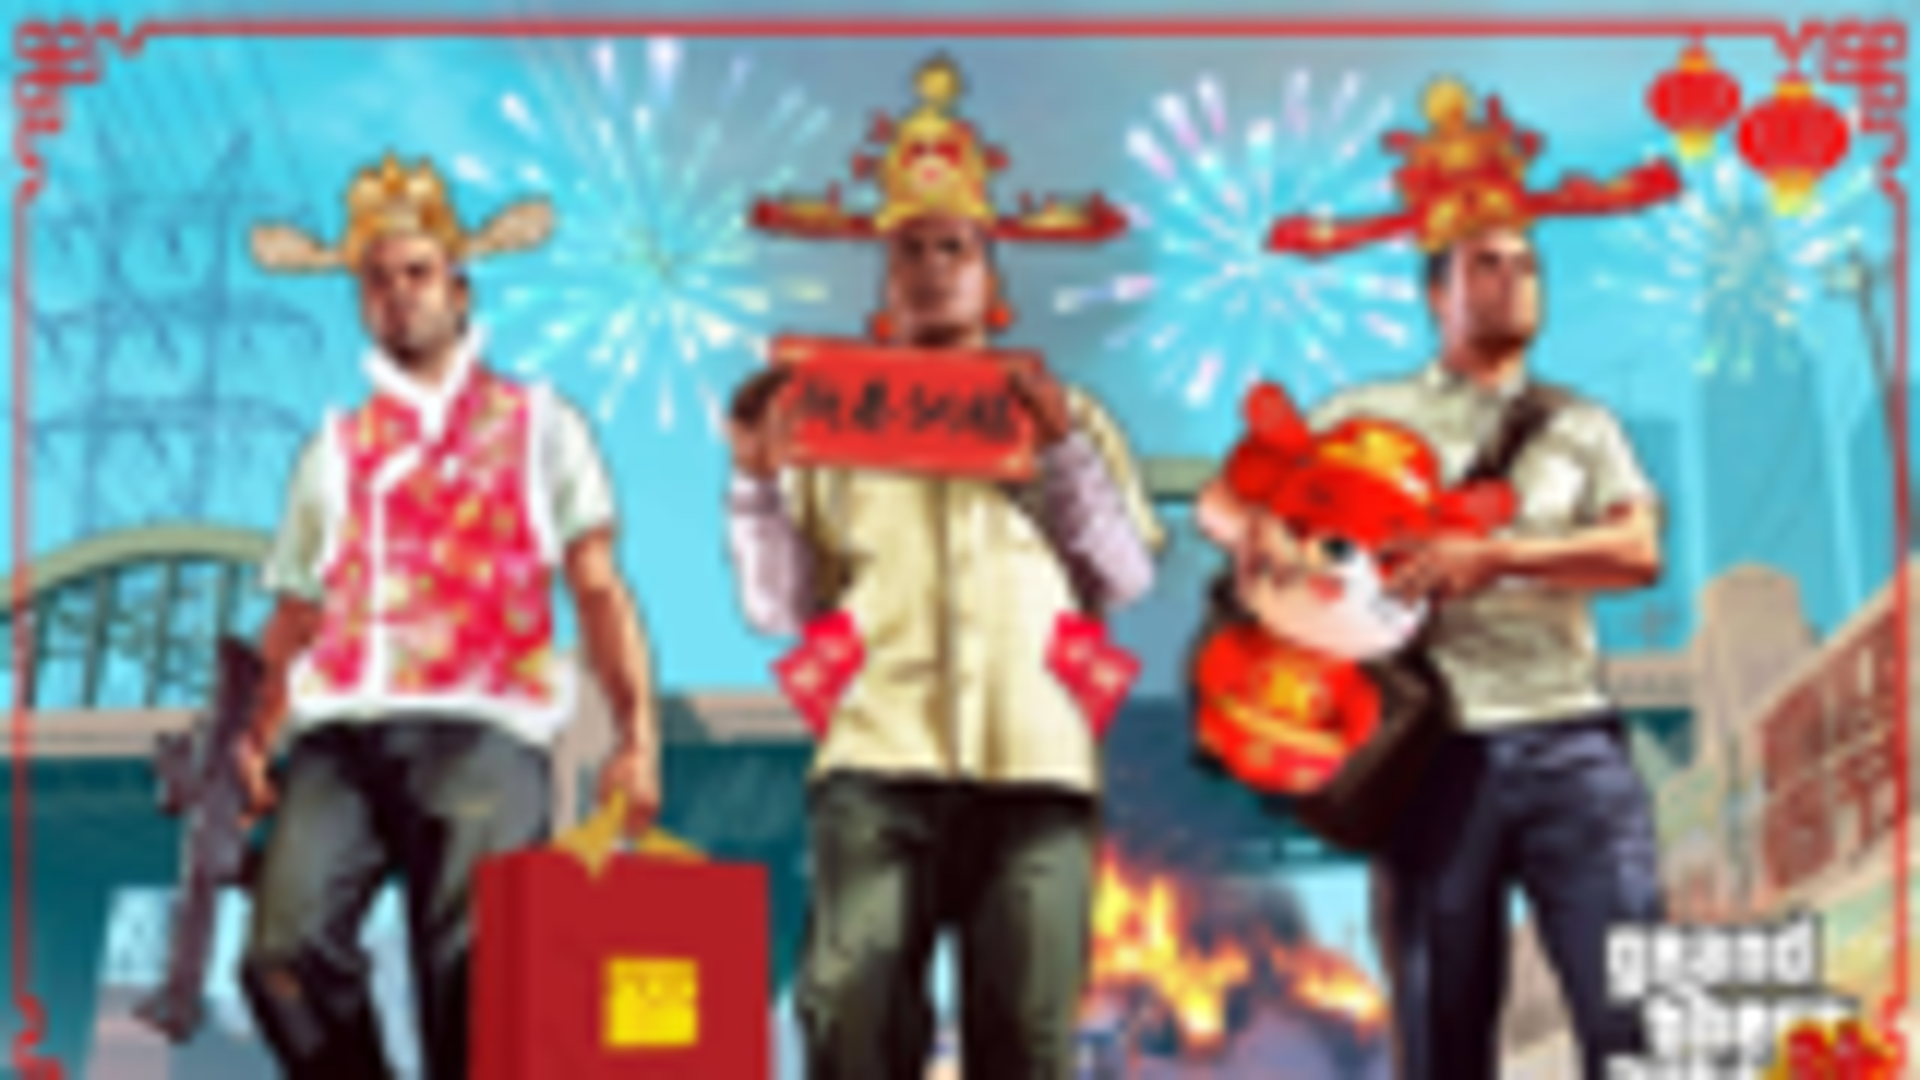 来看看洛圣都市民如何迎春节!